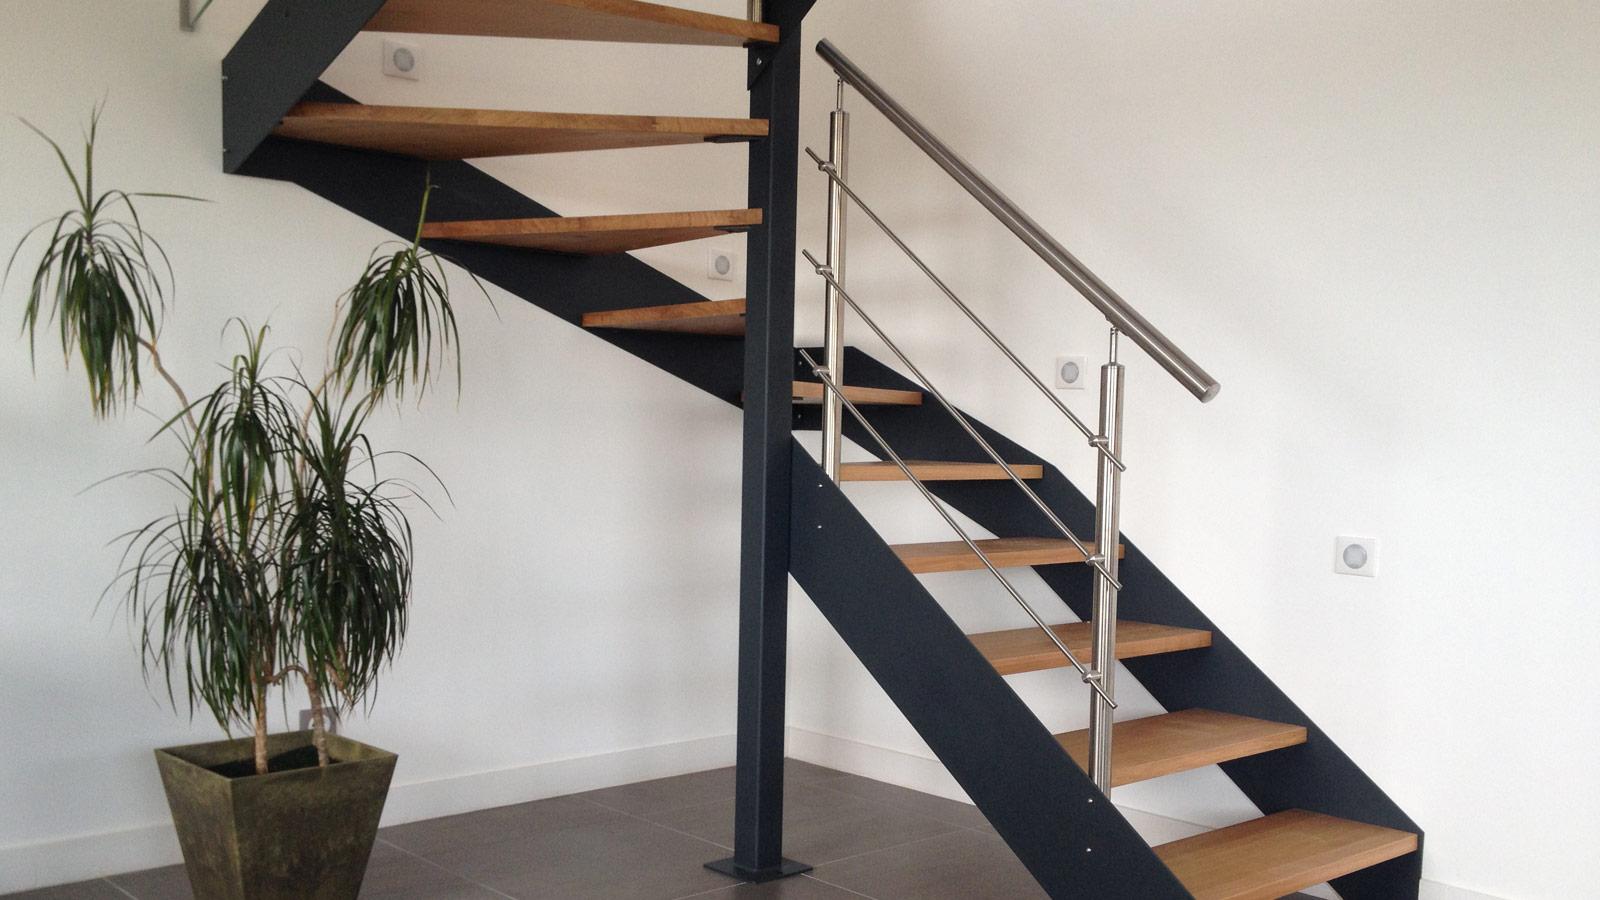 Escalier en kit une solution pratique et conomique - Kit renovation escalier ...